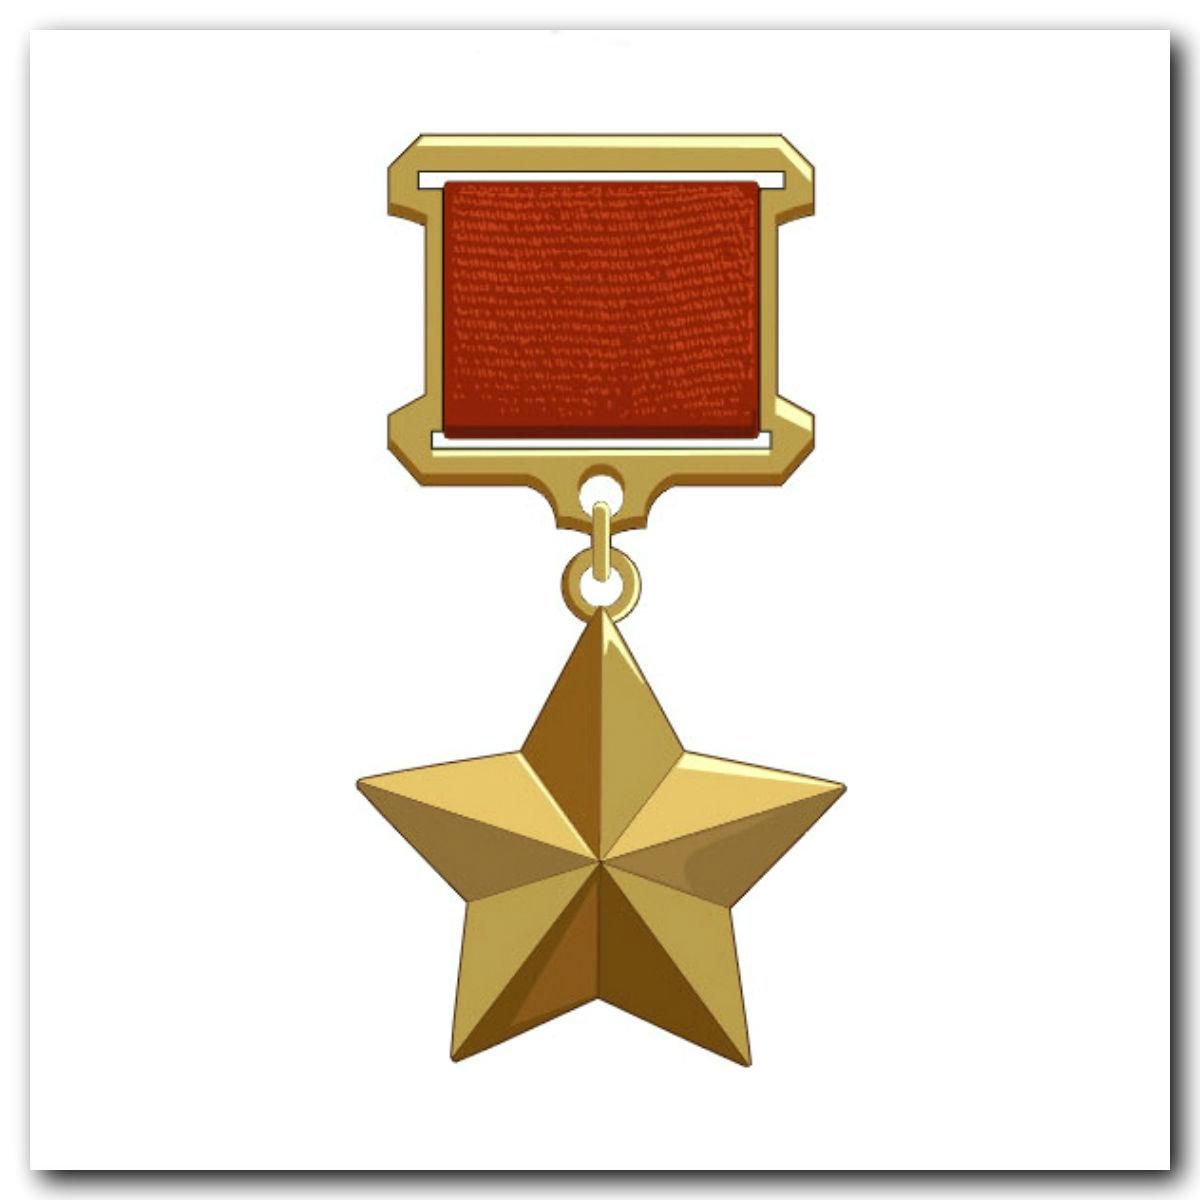 звезда героя россии на прозрачном фоне поликарбоната